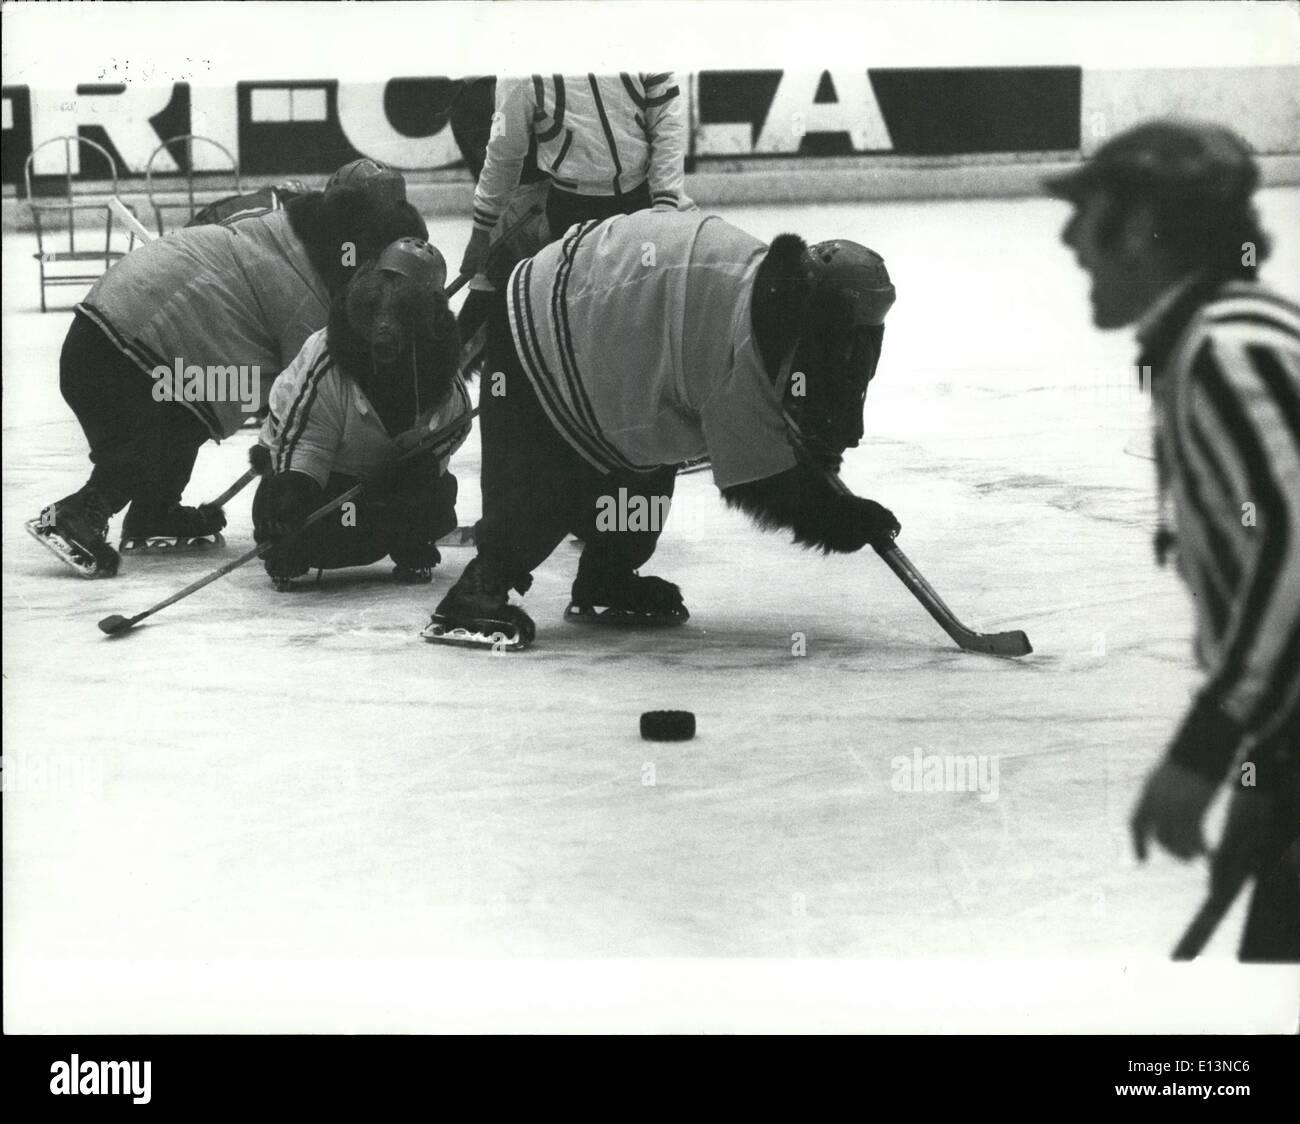 Marzo 02, 2012 - Hockey sobre hielo coincide con una Differance: un match de Hockey sobre hielo con una differance reciente tuvo lugar en el Olympic Hall de Munich. Un equipo ruso de osos pardos tomó un equipo de los chimpancés. Era muy entretenido match para los muchos espectadores que asistieron. Los dos equipos están formados por el alemán la familia acrobat Renzs, dueños de los animales. Los equipos tardó tres años en tren. La foto muestra fotografías de acción del partido. Los chimpancés ganó 3-2. Imagen De Stock